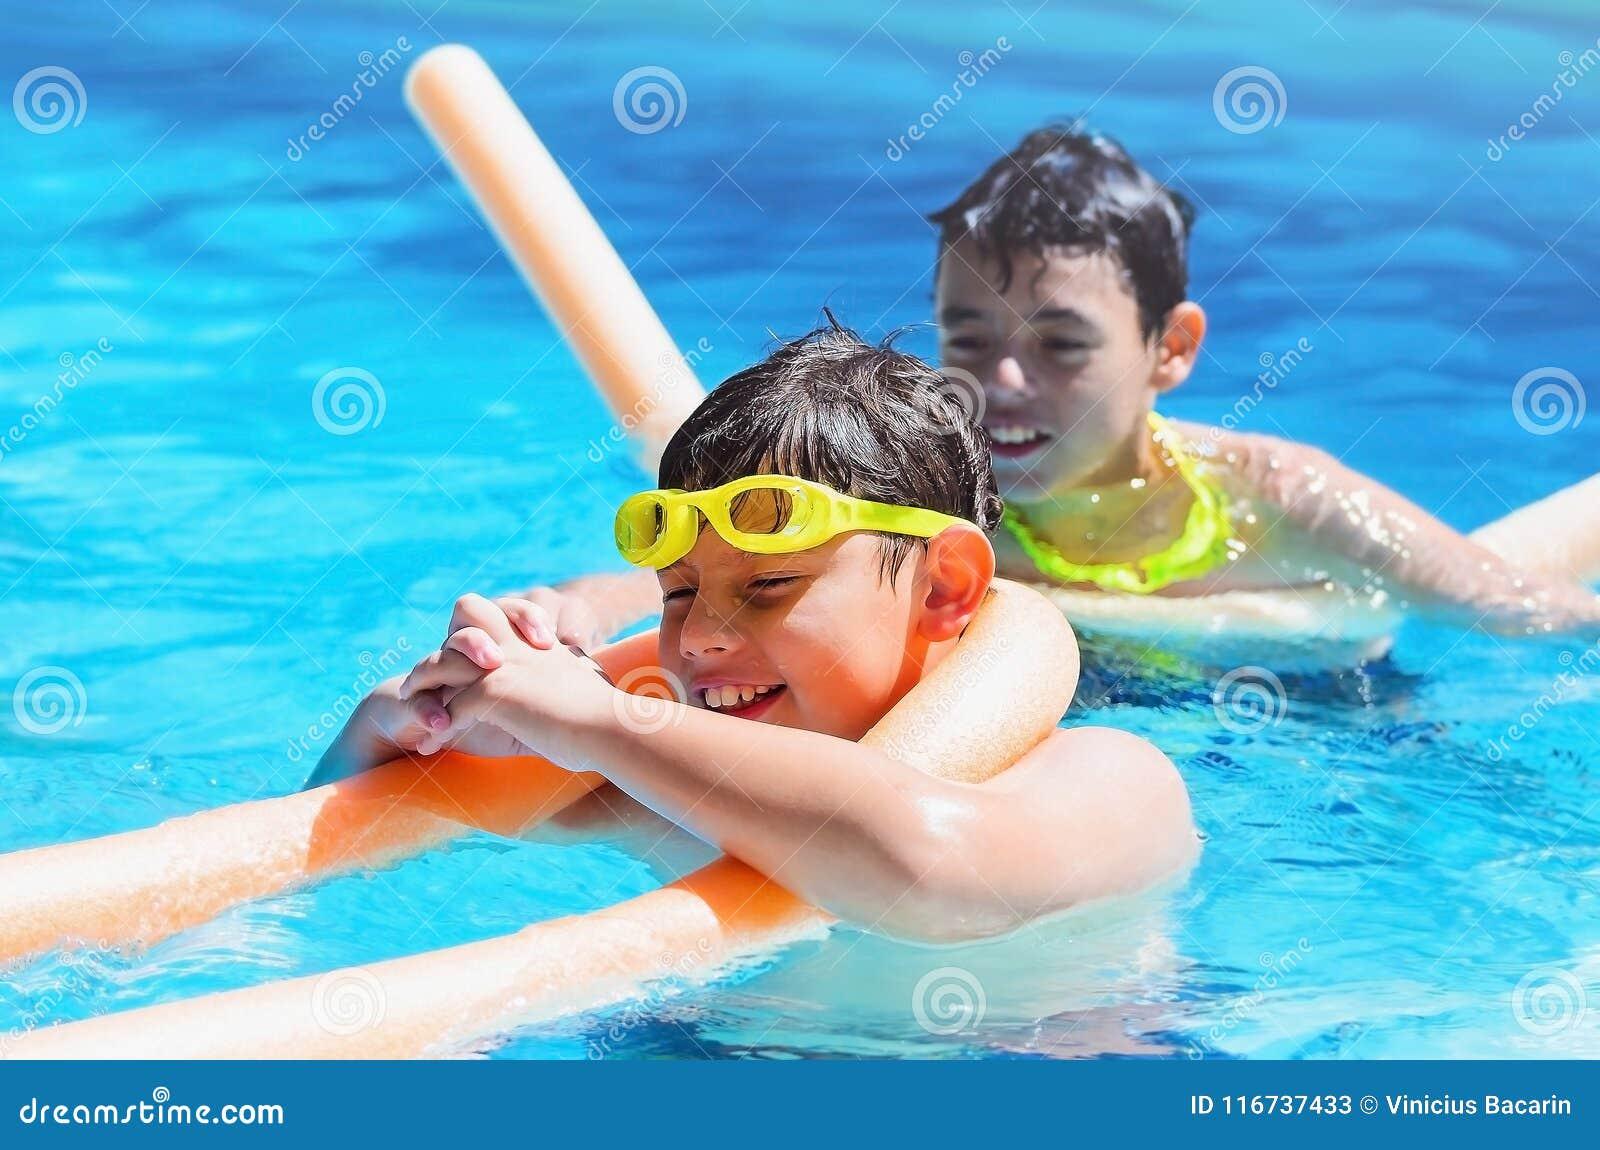 Καλοκαίρι, δύο αγόρια που περνά καλά στην πισίνα